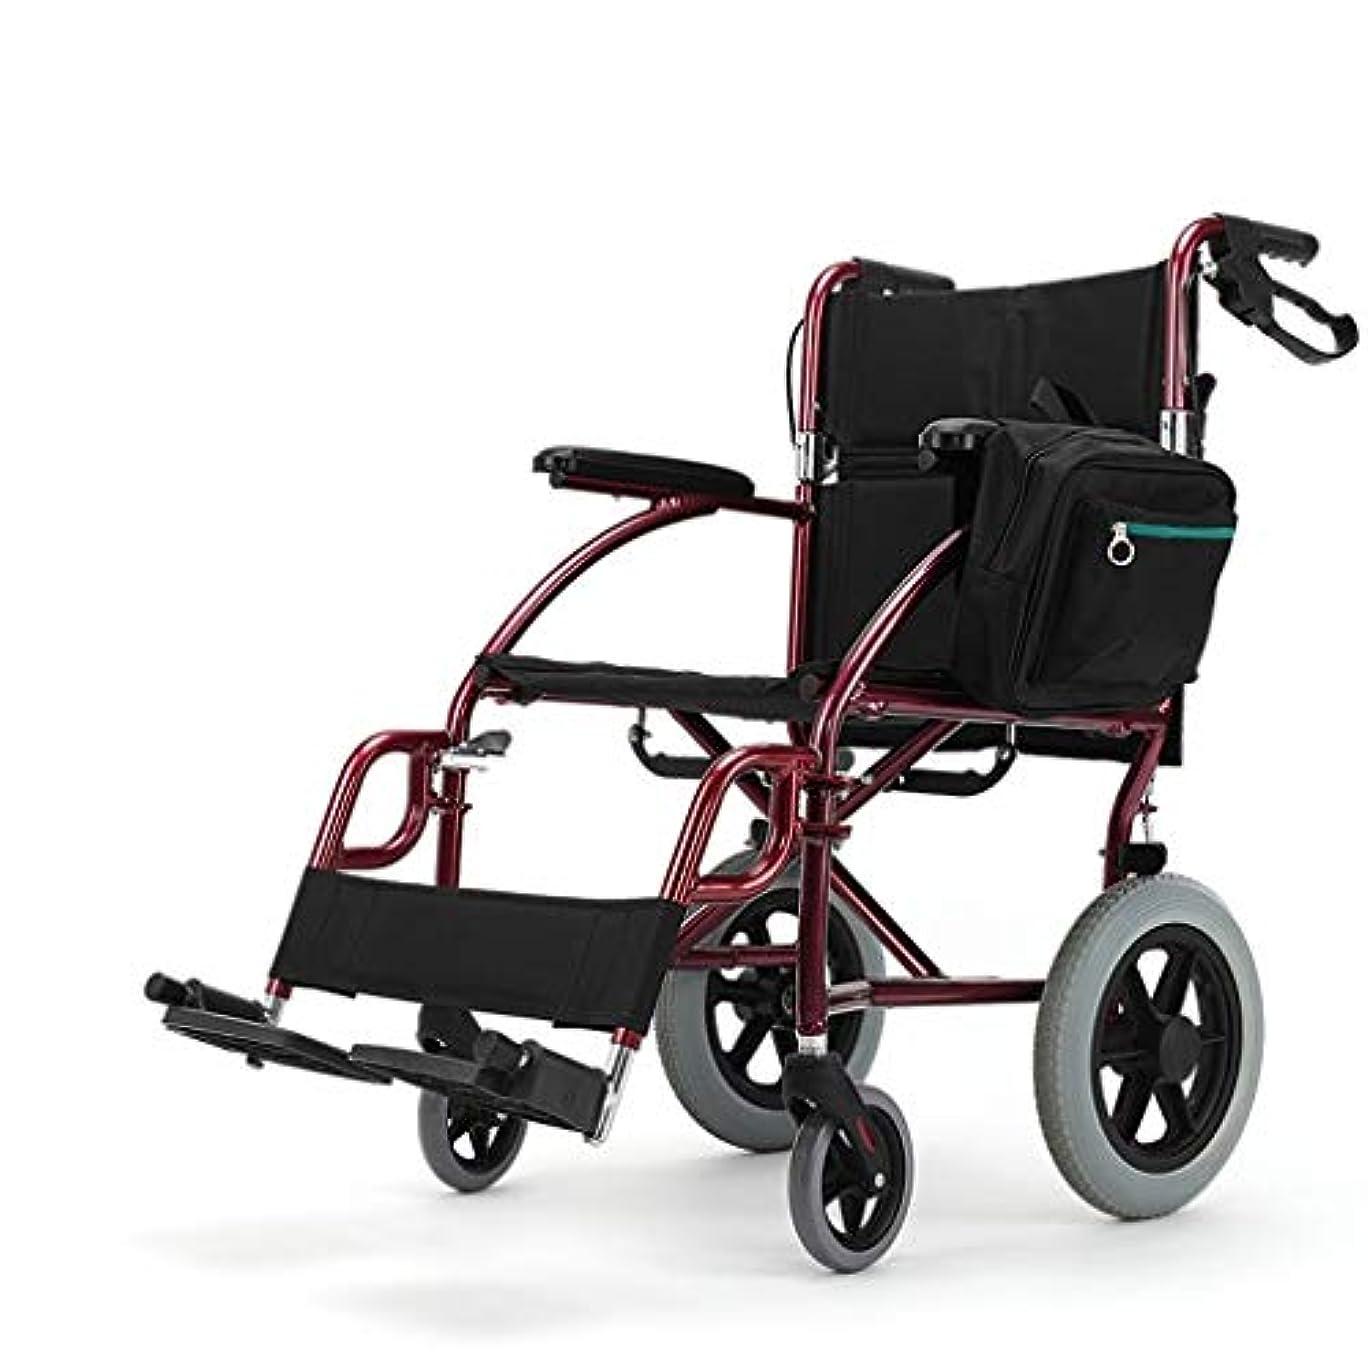 もっともらしい変動するソーシャル折りたたみ車椅子取り外し可能なペダル、折りたたみ式背部無効車椅子、屋外旅行車椅子用の軽量でポータブル